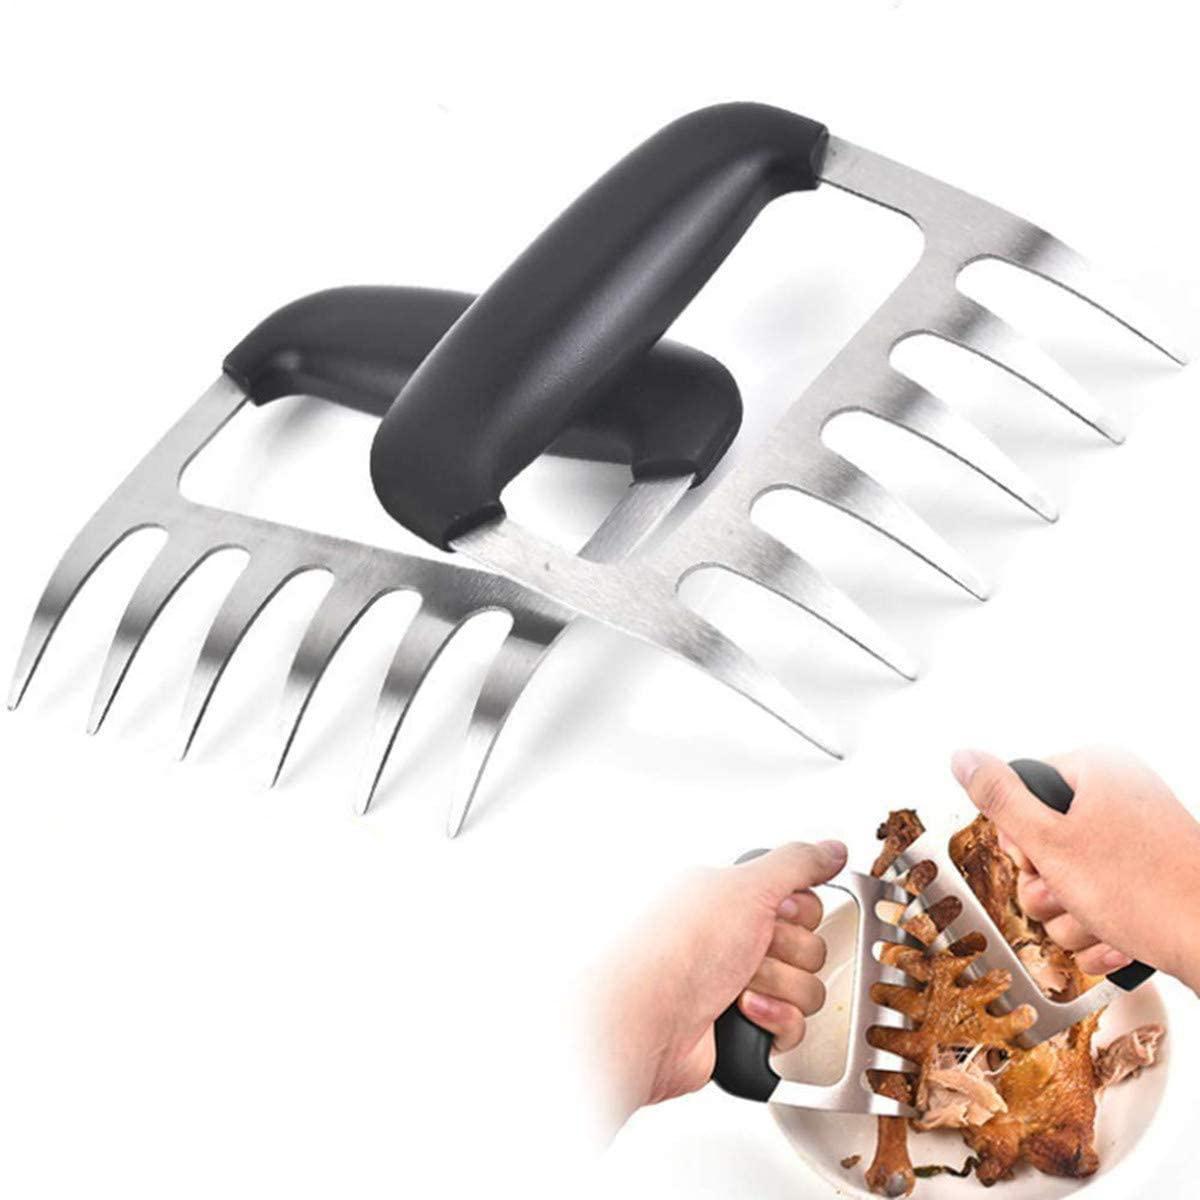 고기 발톱, 바베큐 곰 발, 끌어 당긴 돼지 고기 분쇄기 주방 도구 스테인레스 스틸 식품 학년 내열성 플라스틱 opp 패키지